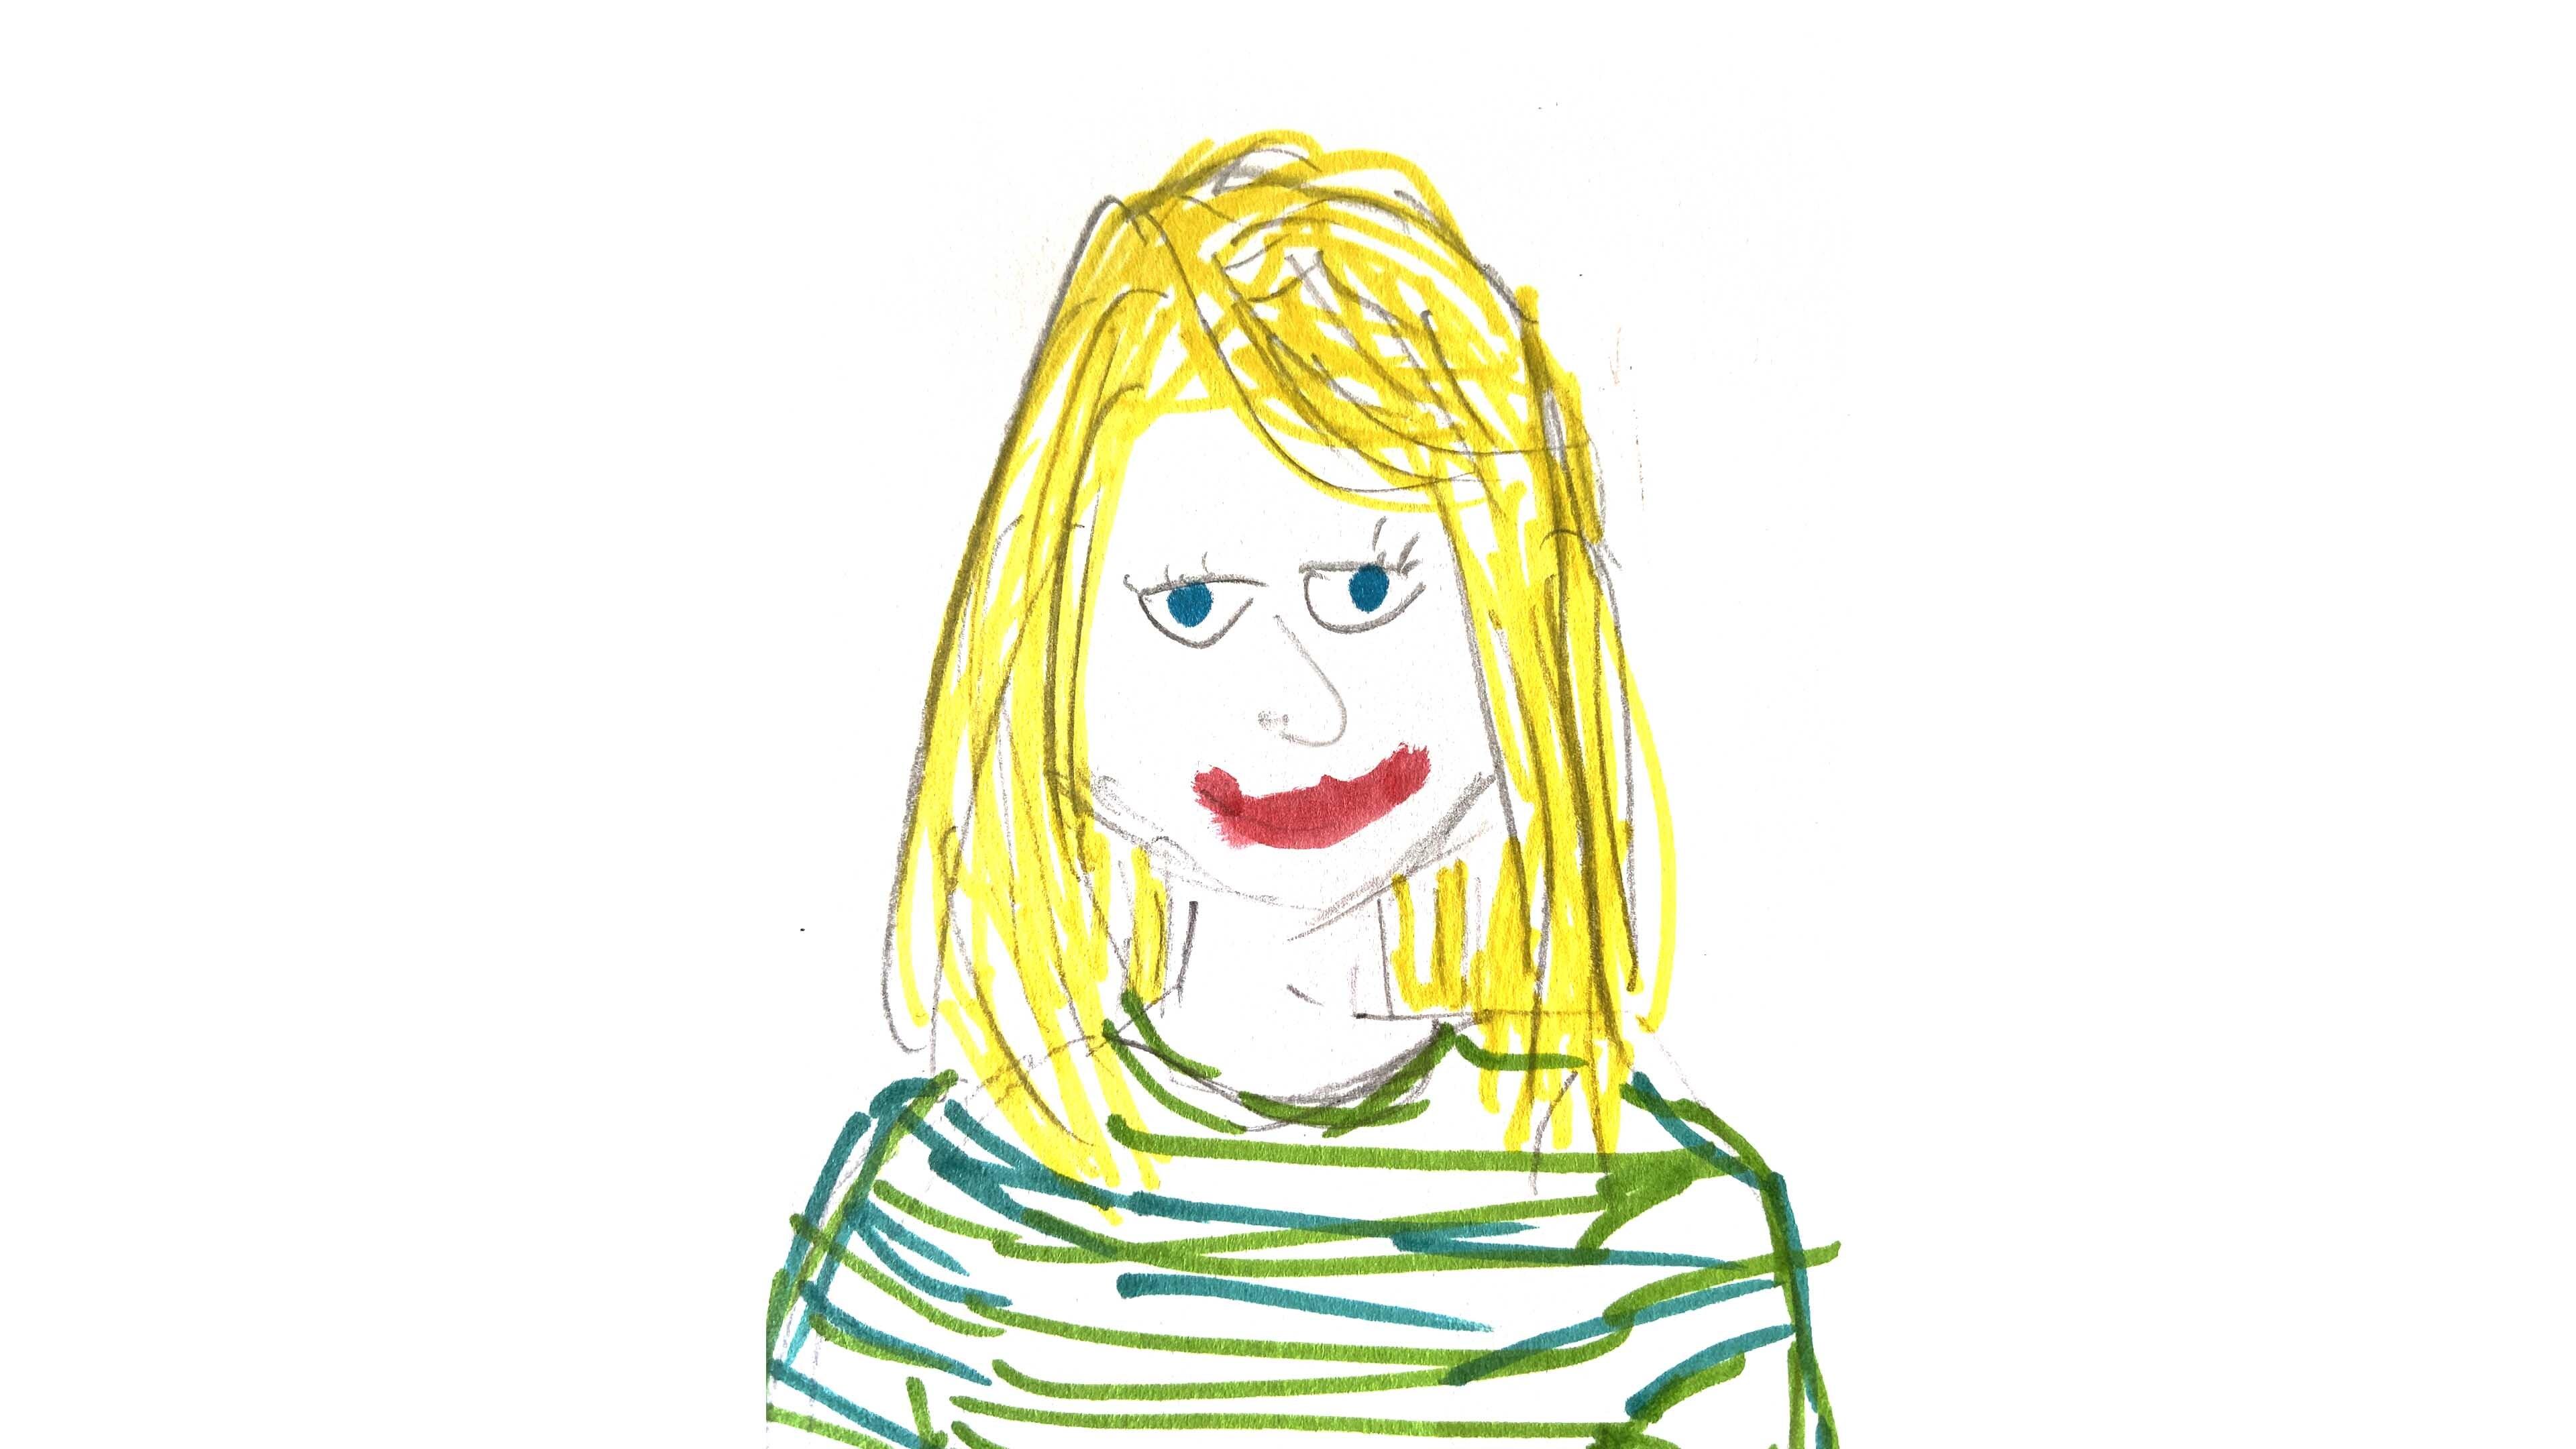 Introducing_Sarah_GBLOG_04.jpg